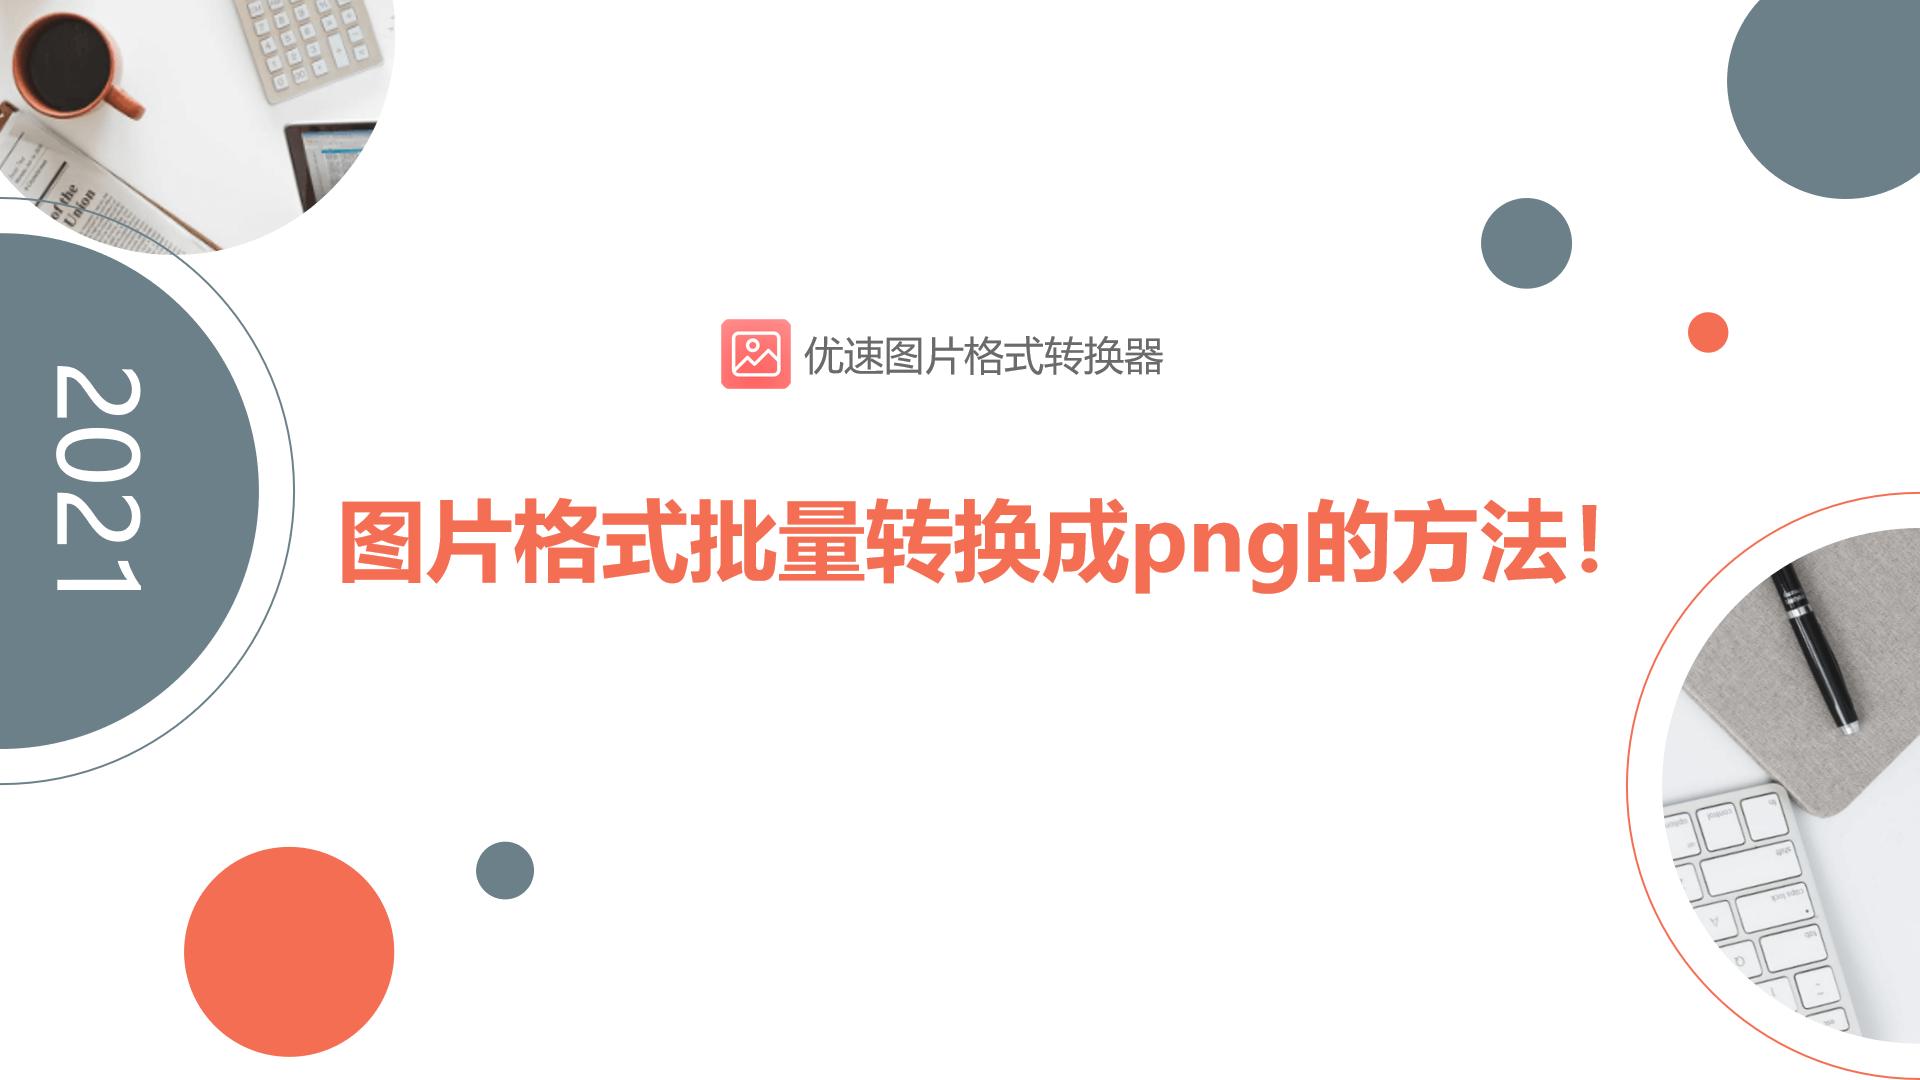 图片格式批量转换成png的方法